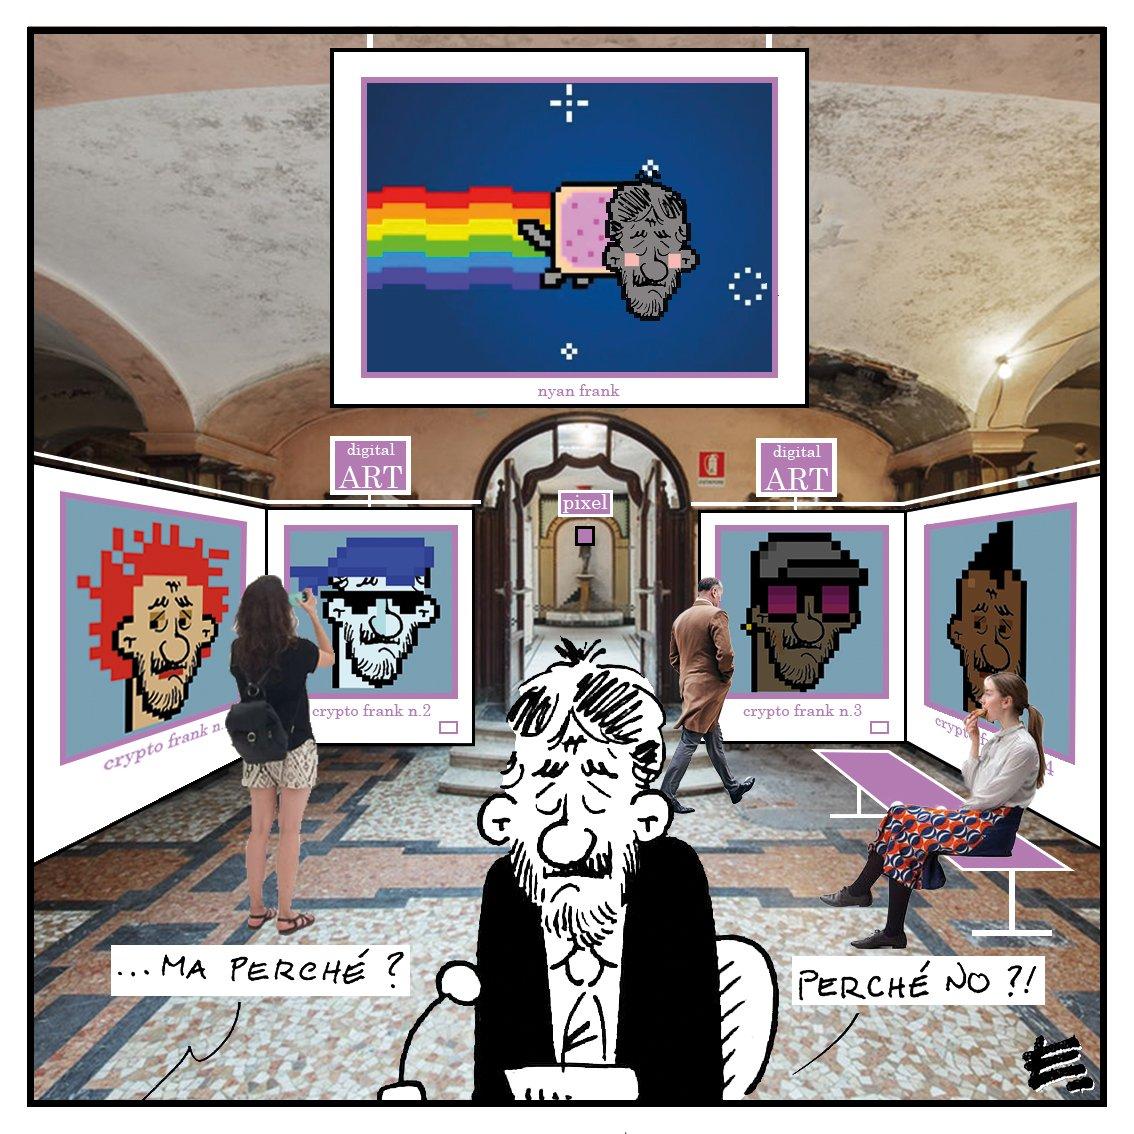 arte digitale